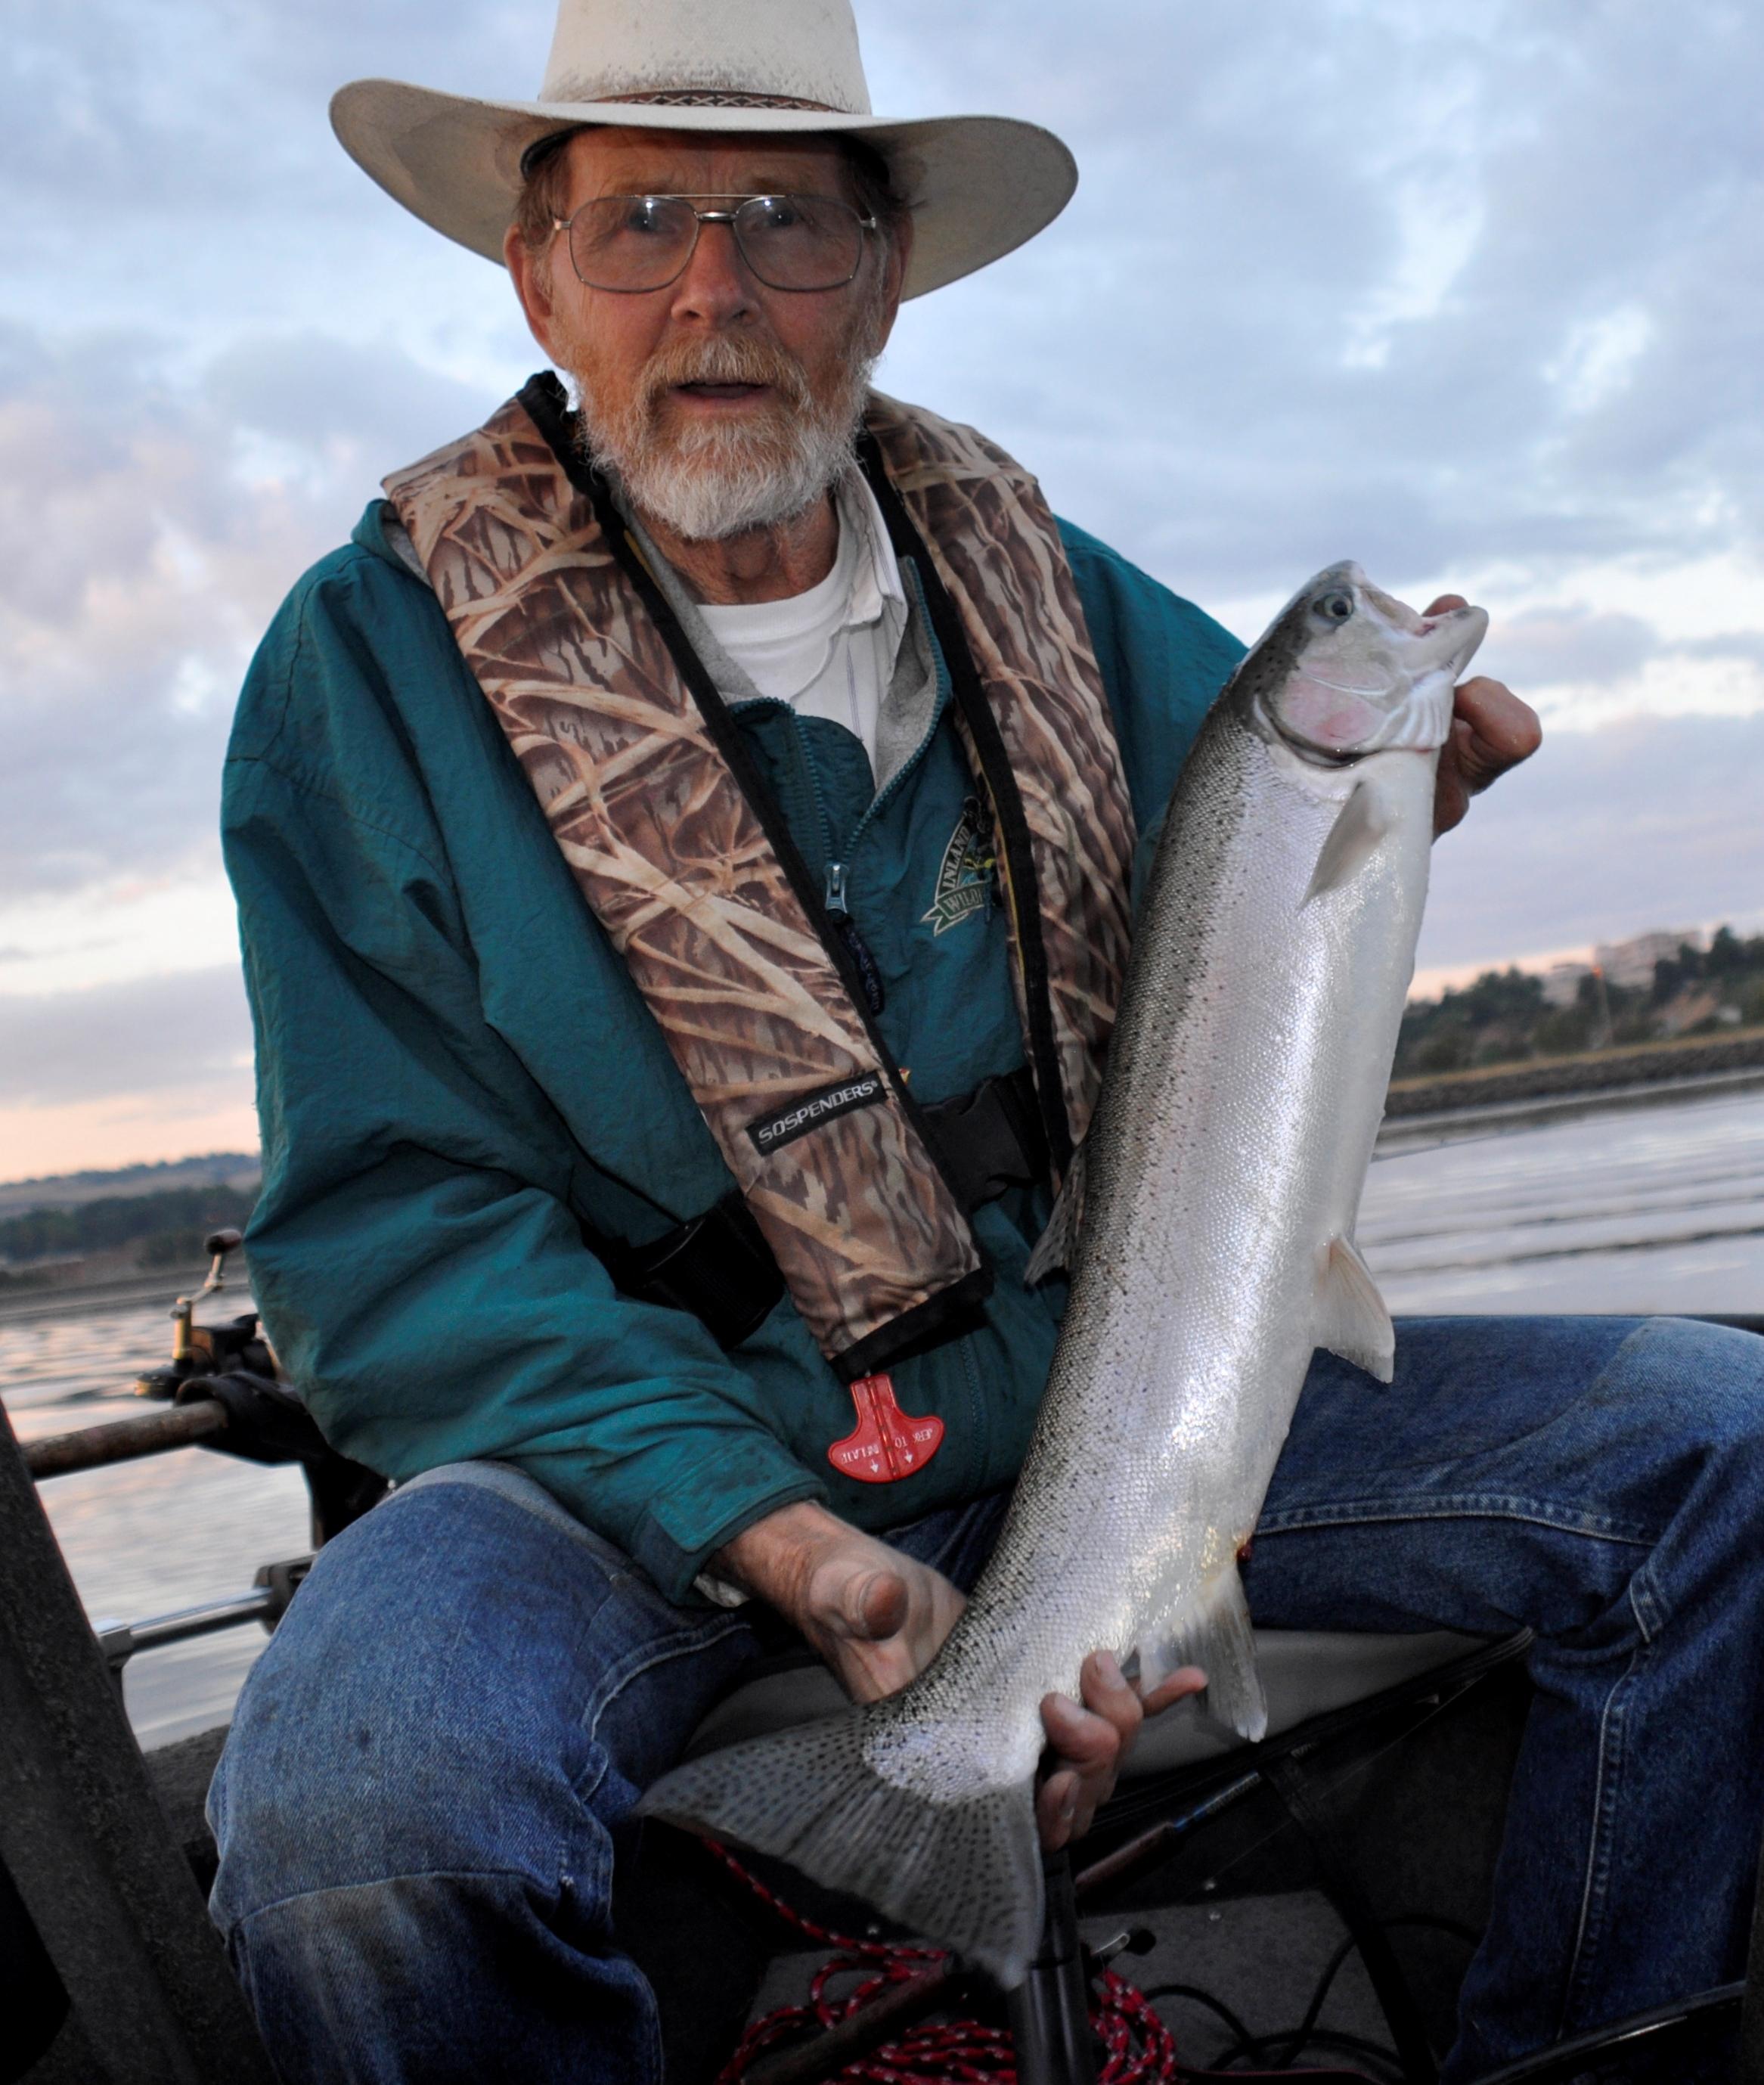 Jim Kujala hauls in a hatchery steelhead from the lower Clearwater River.  (Rich Landers 244900c94c